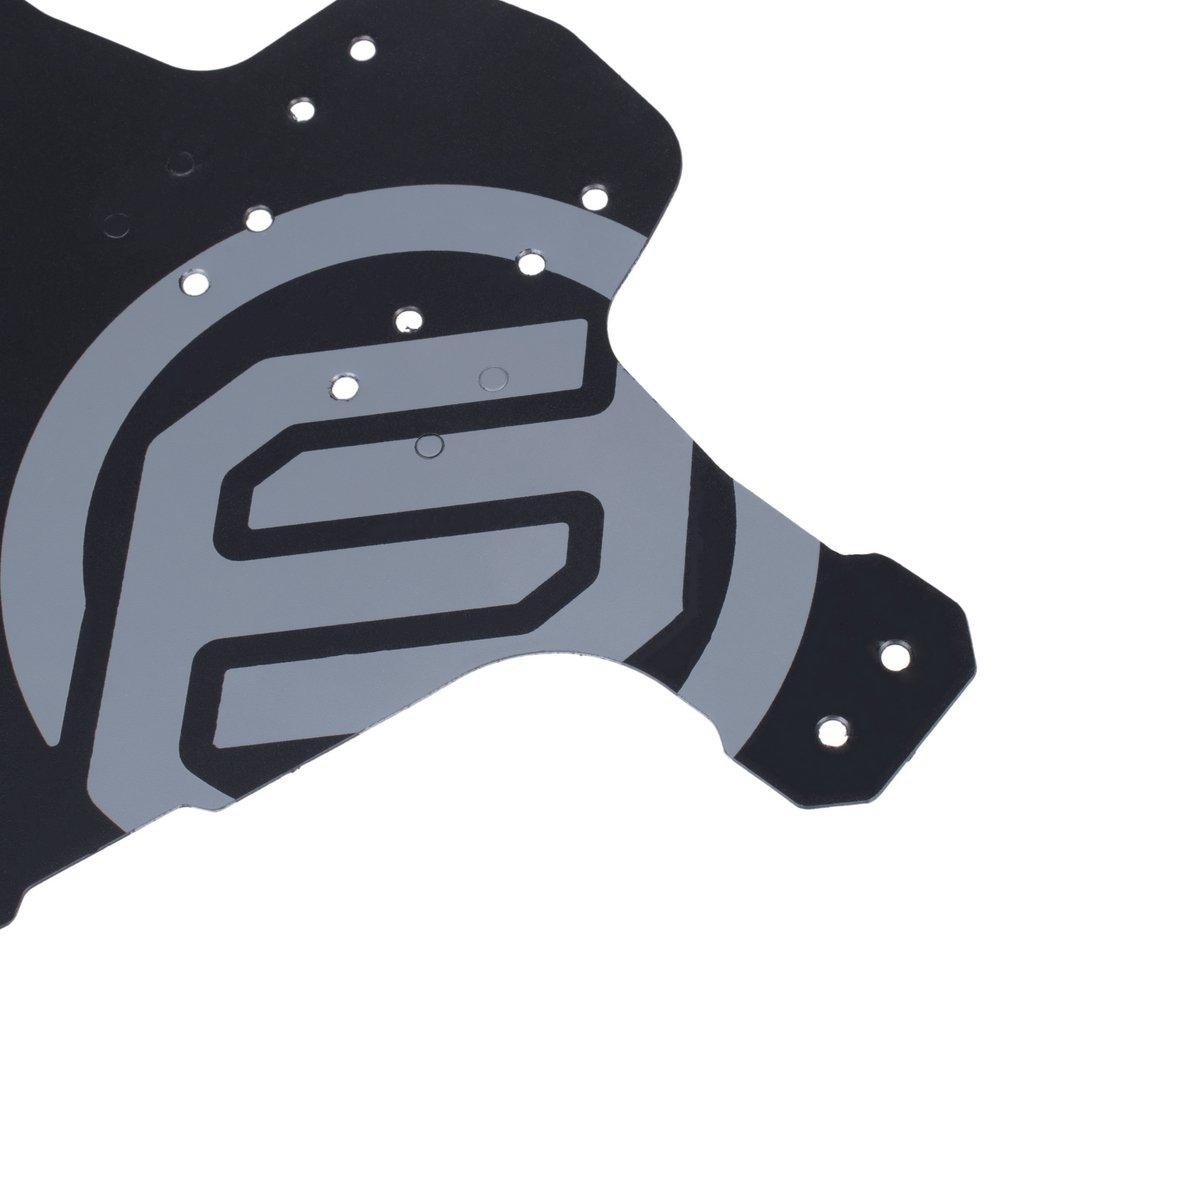 Guardabarros para bicicleta de montaña MTB de FIFTY-FIFTY, ajustable, compatible con ruedas delanteras y traseras de 26, 27,5 y 29 pulgadas, para ruedas de ...